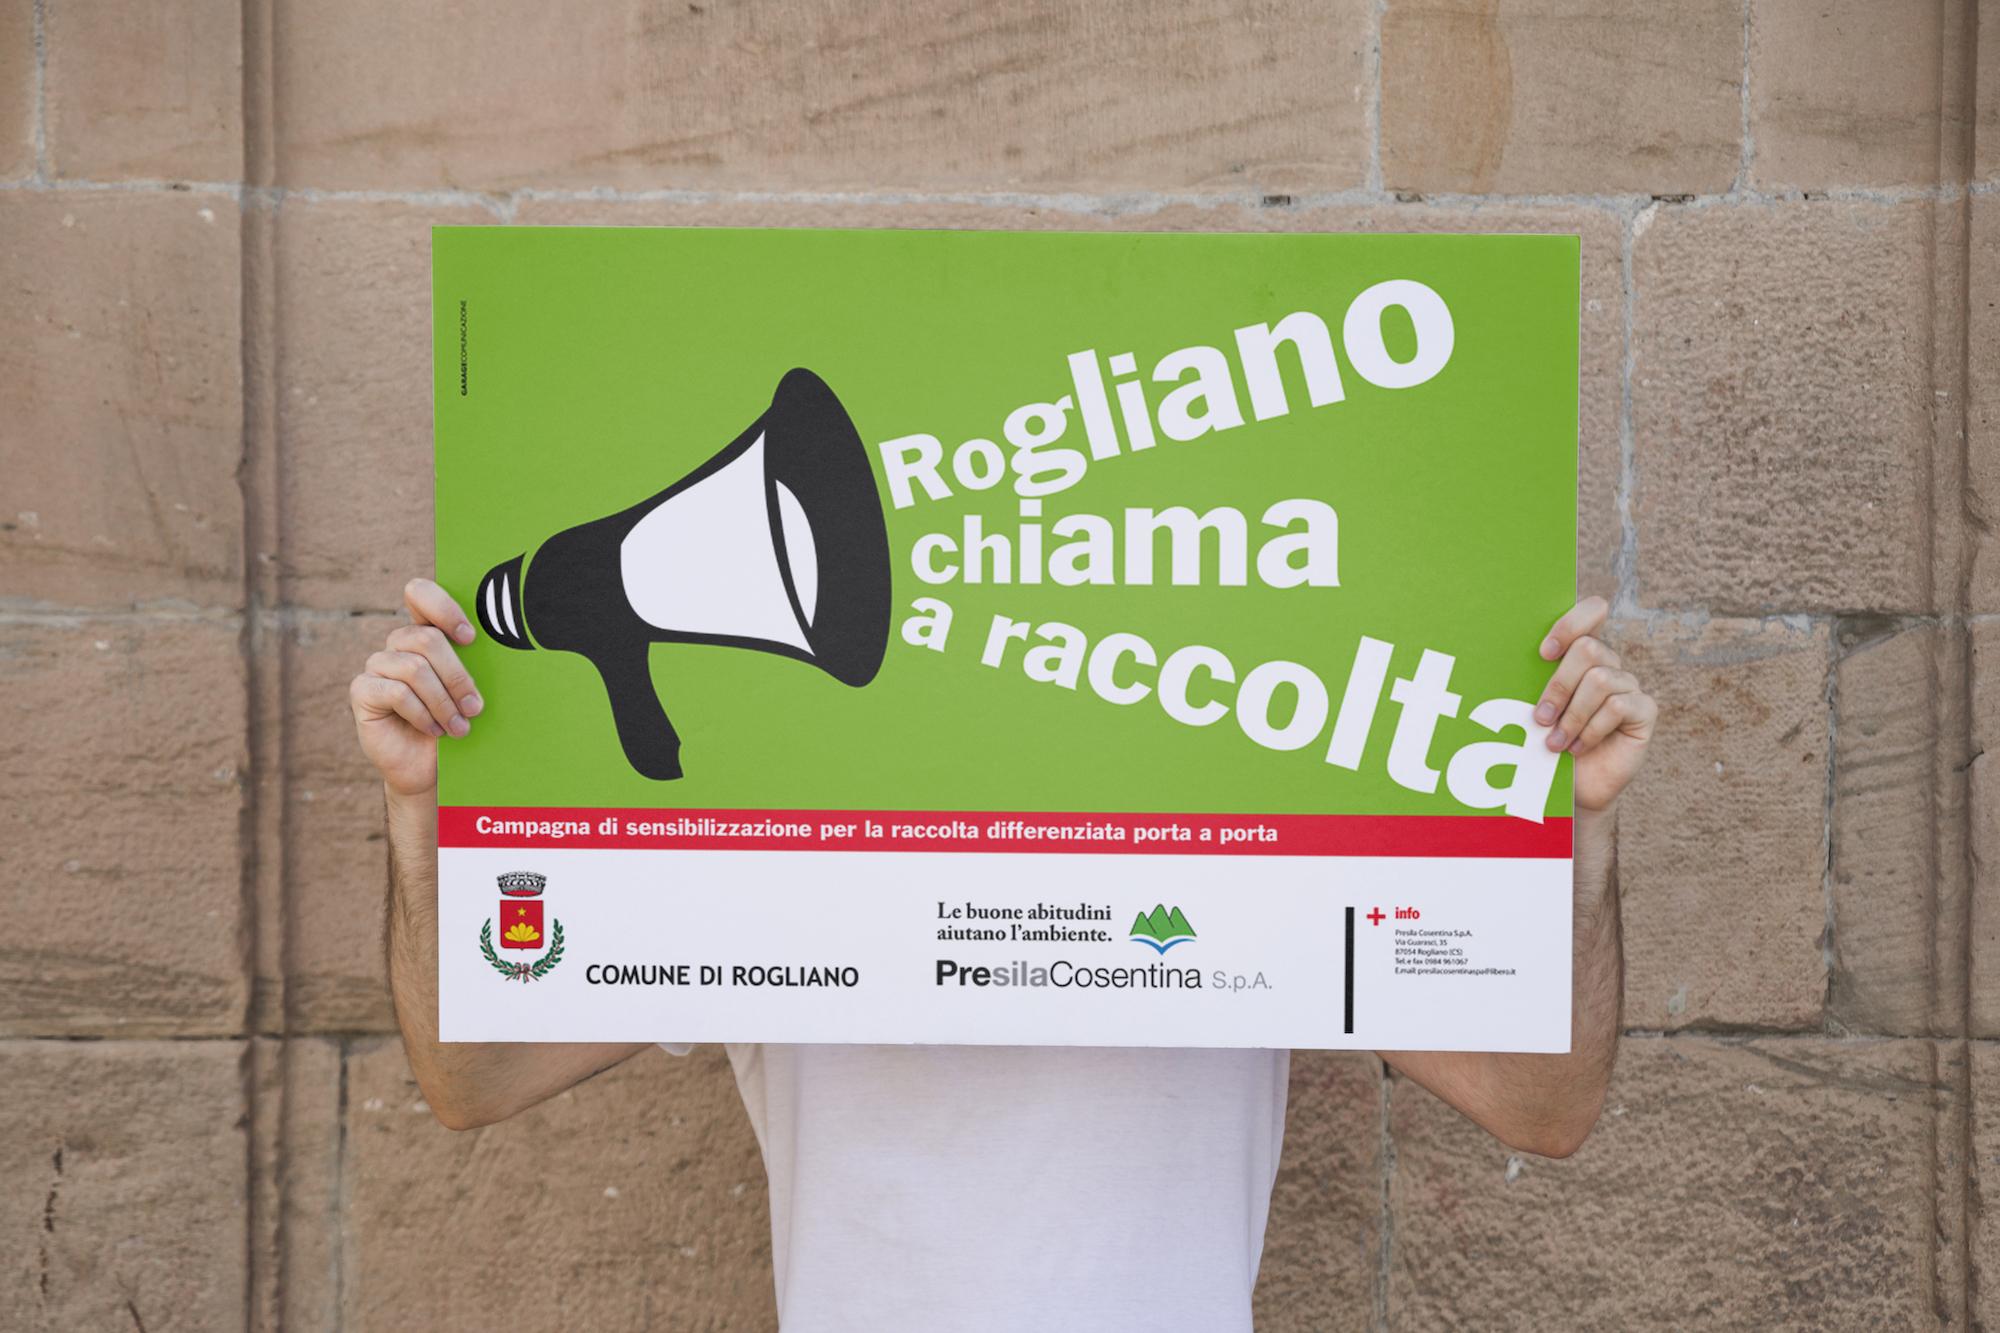 Campagna advertising Rogliano Chiama a raccolta